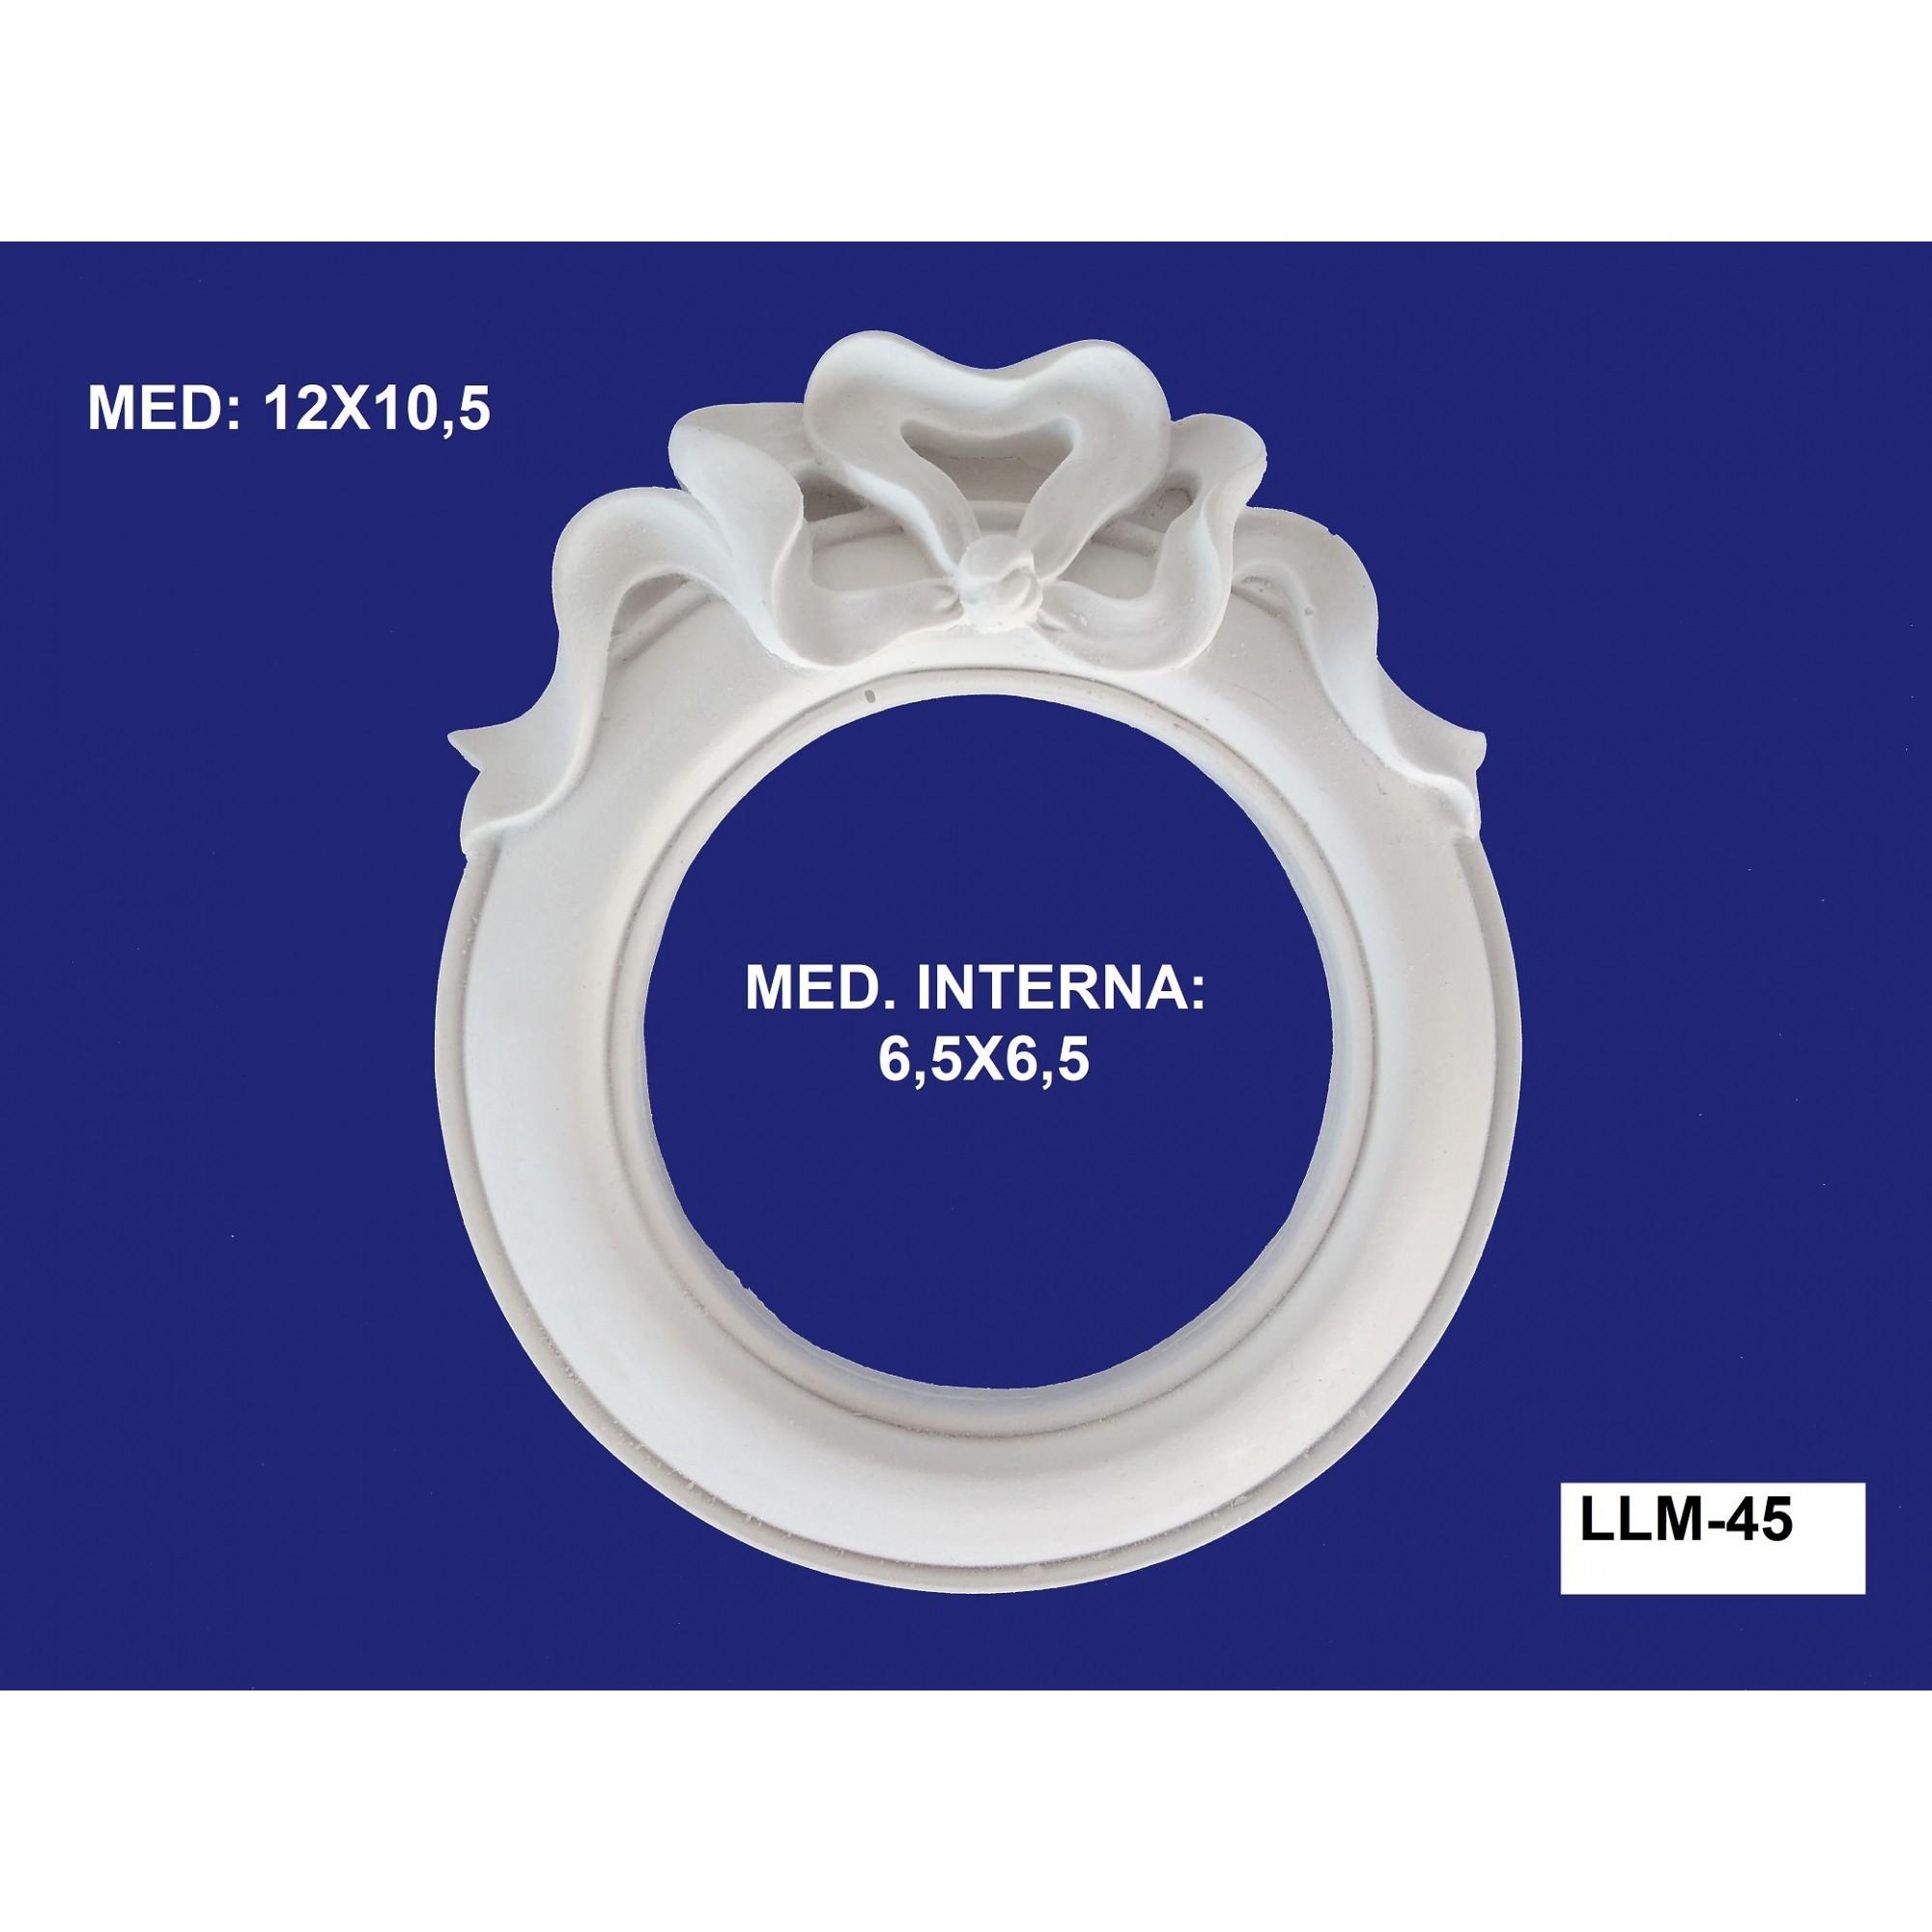 LLM-45 MOLDURA 12X10,5 INT: 6,5X6,5CM